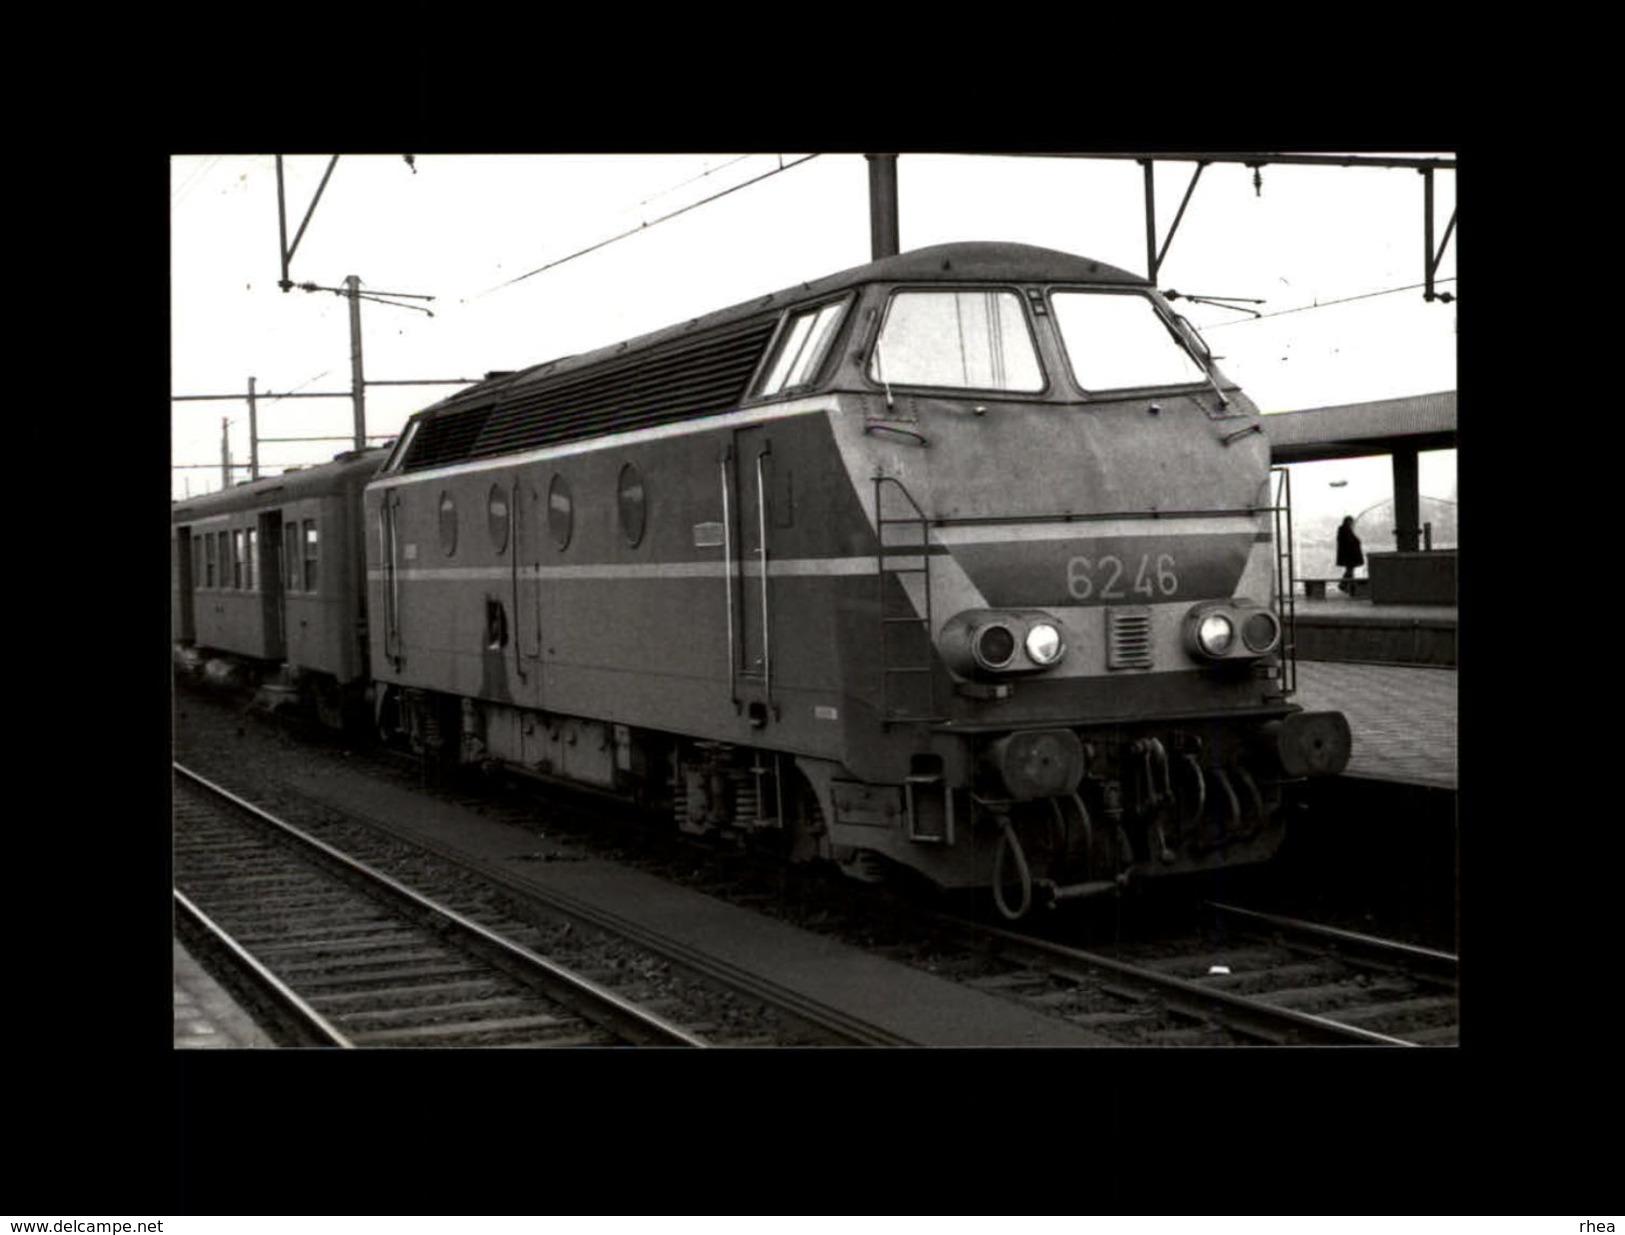 TRAINS - BERCHEM - BELGIQUE - Locomotive 6246 -1977 - Trains